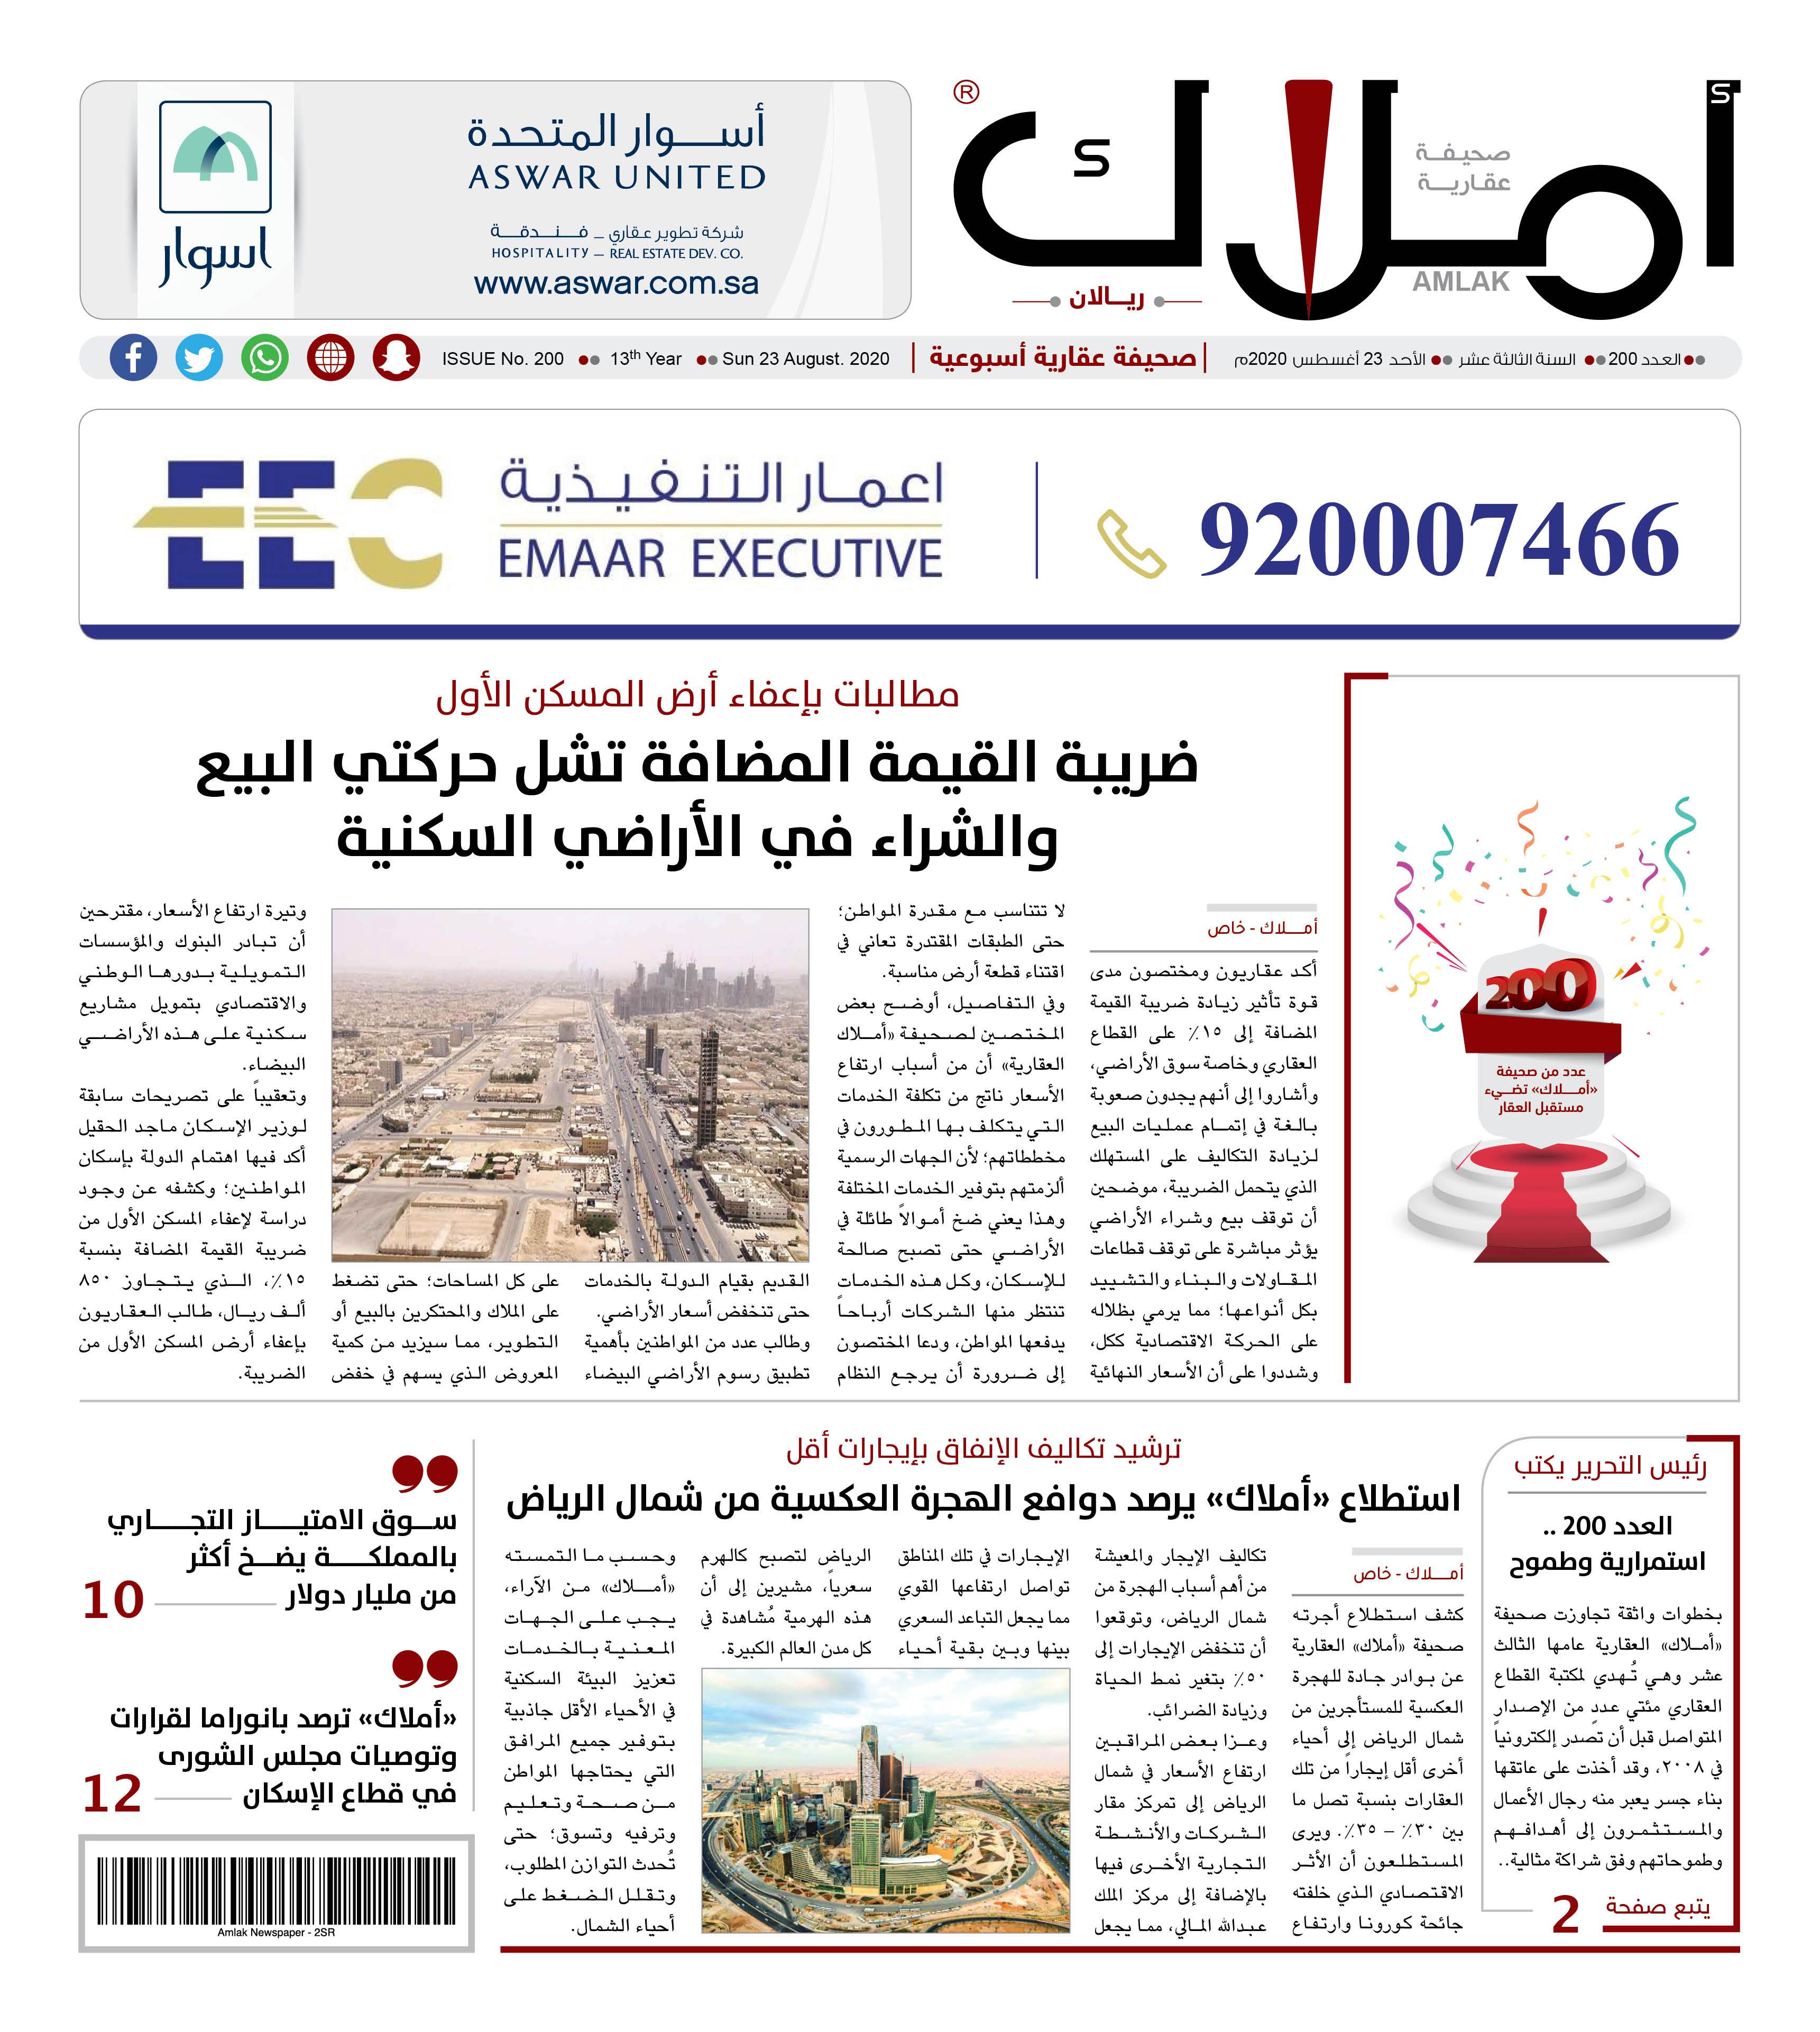 صحيفة أملاك - العدد 200 تسويق عقاري